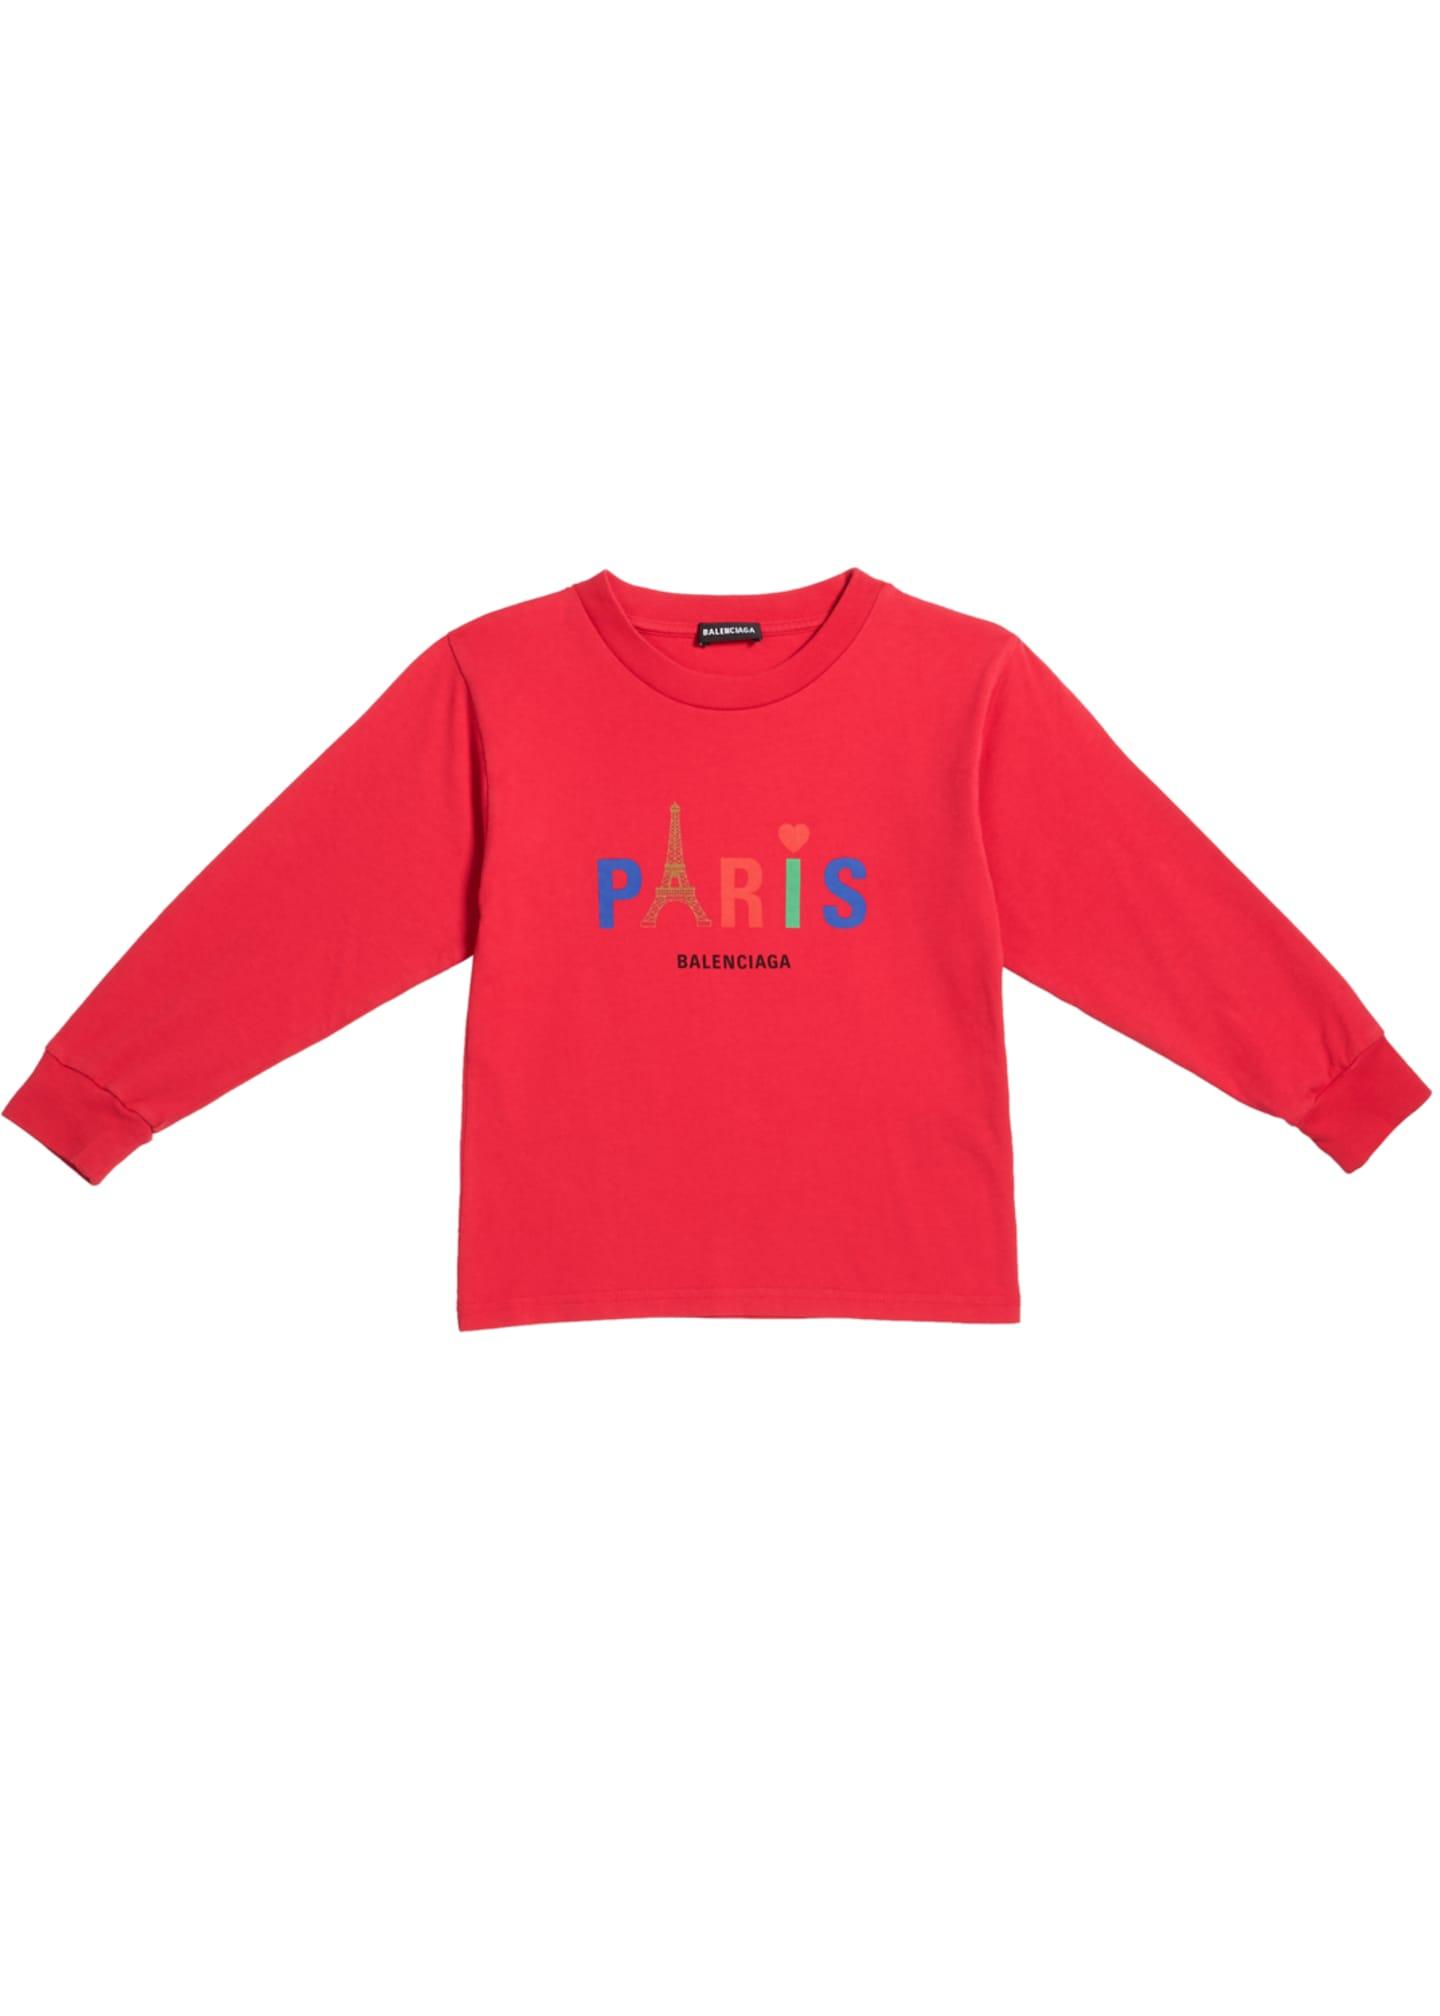 Balenciaga Kid's Paris Multicolor Icon Logo Sweatshirt, Size